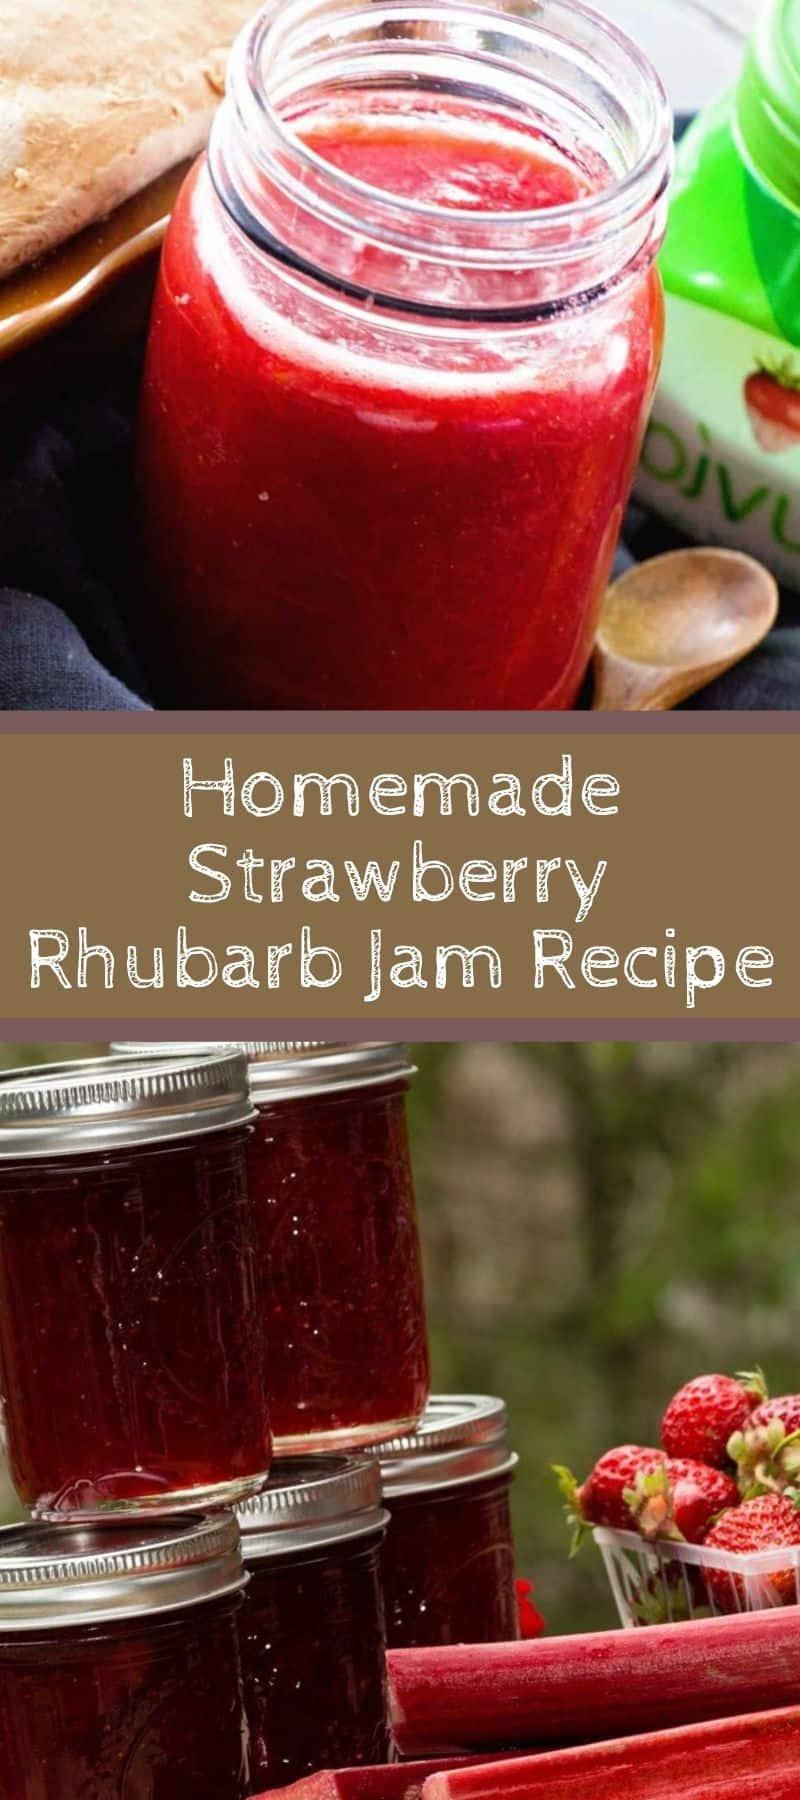 Homemade Strawberry Rhubarb Jam Recipe 3